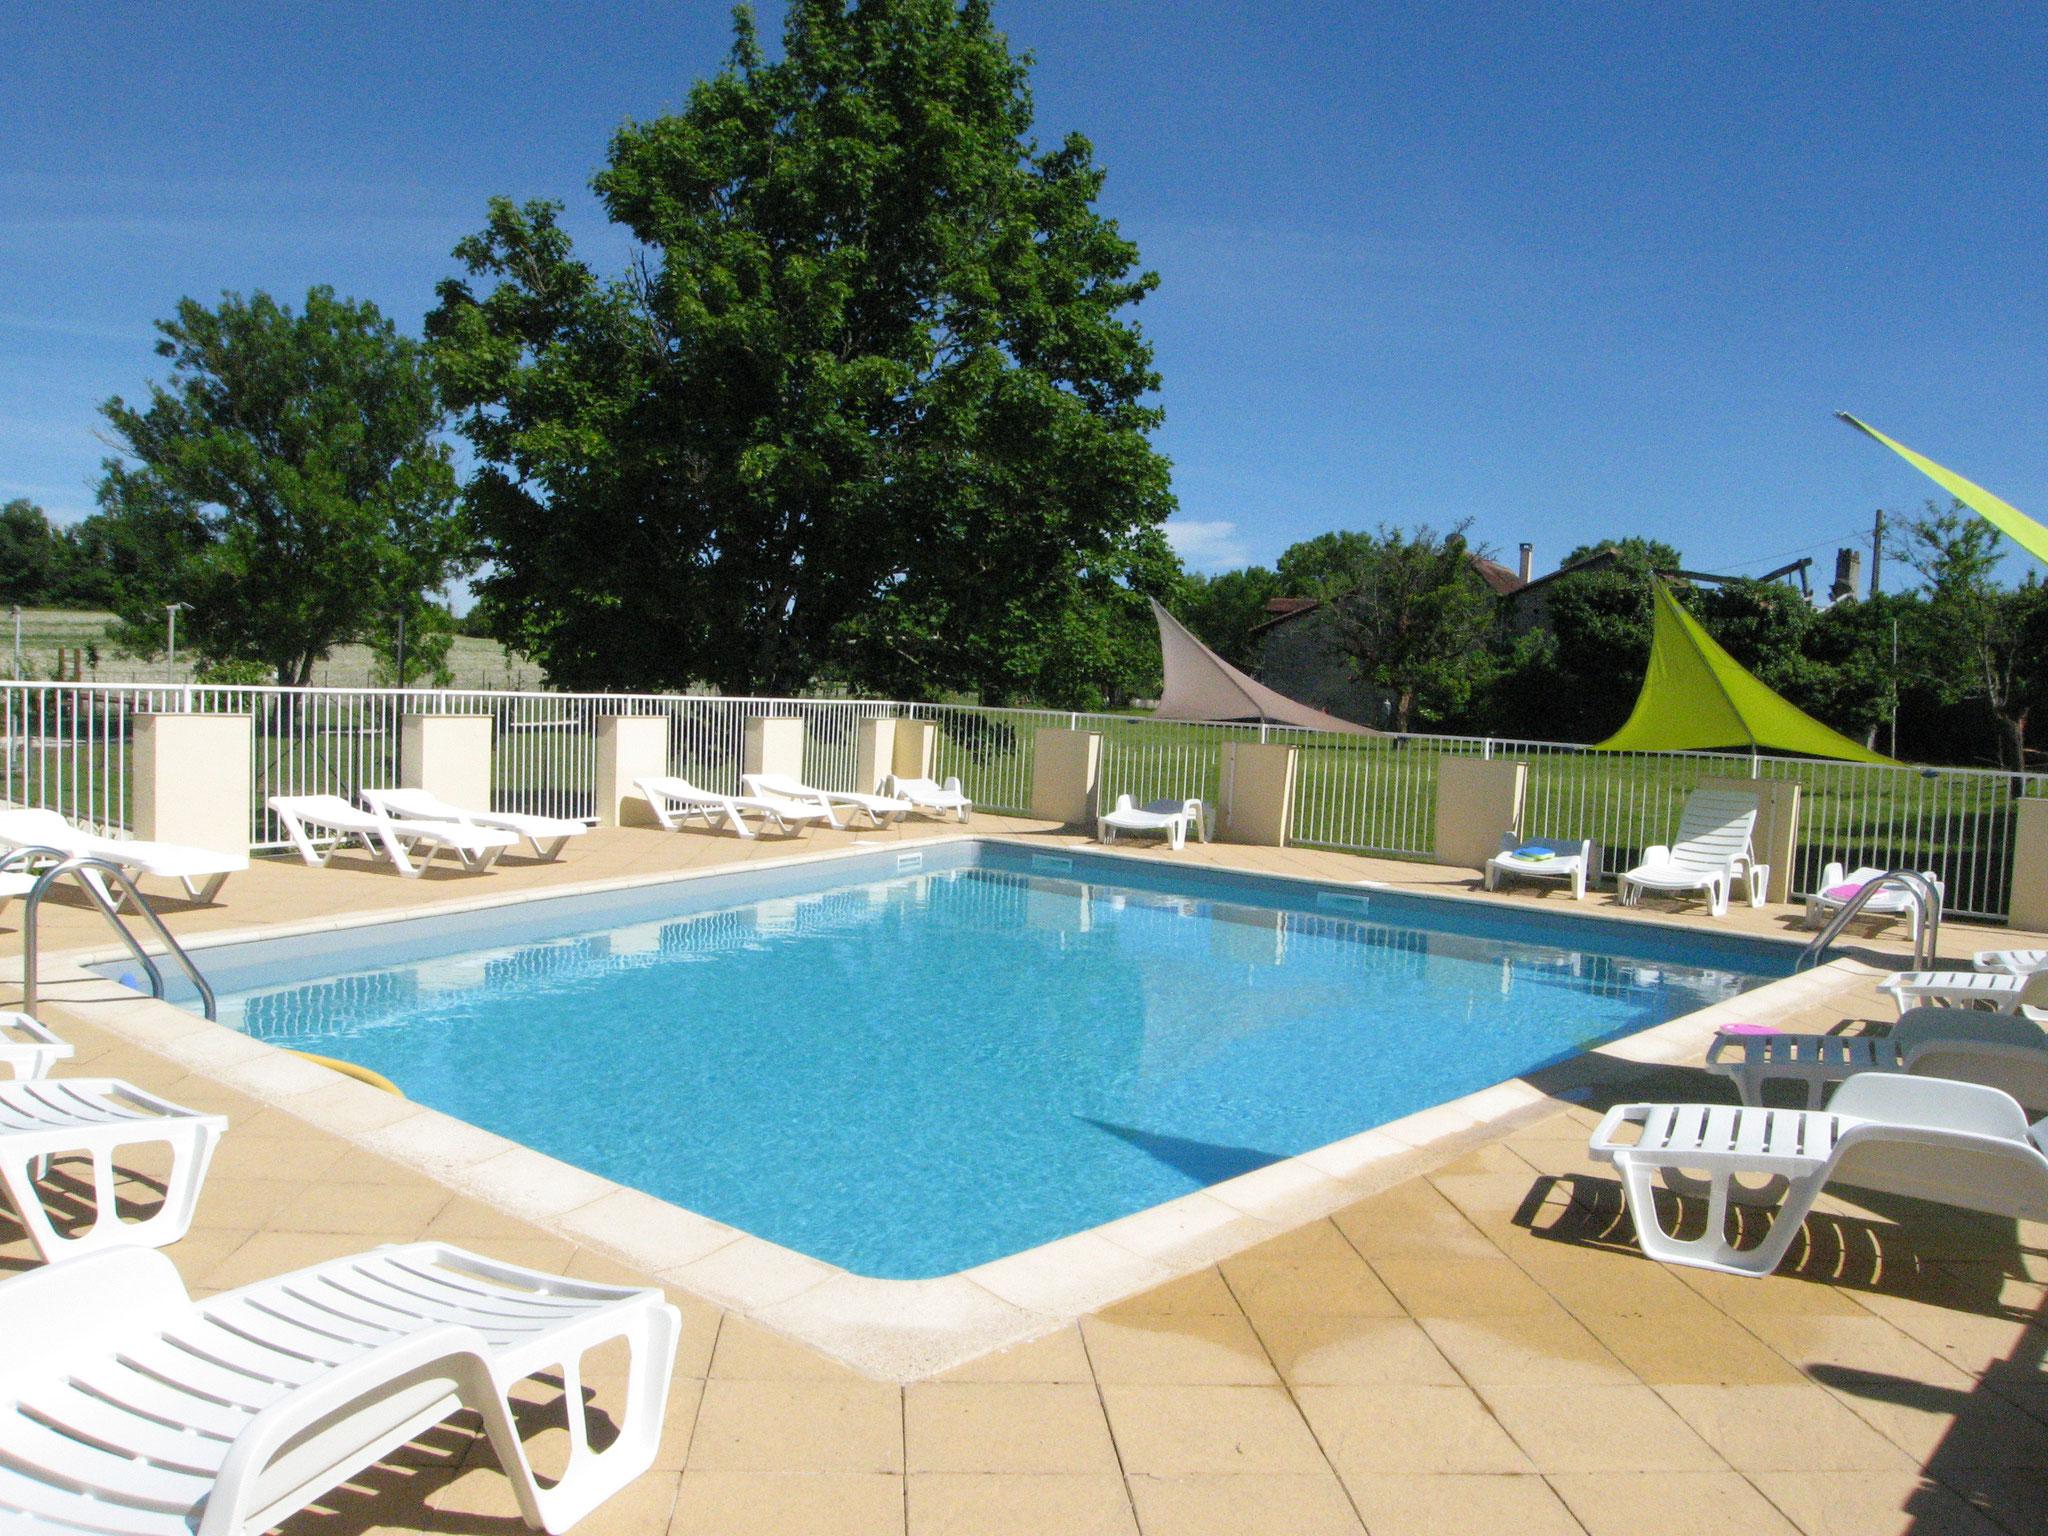 La piscine sécurisée vous invite au rafraîchissement, aux joies de la baignade en famille. Douche et toilette sur place.